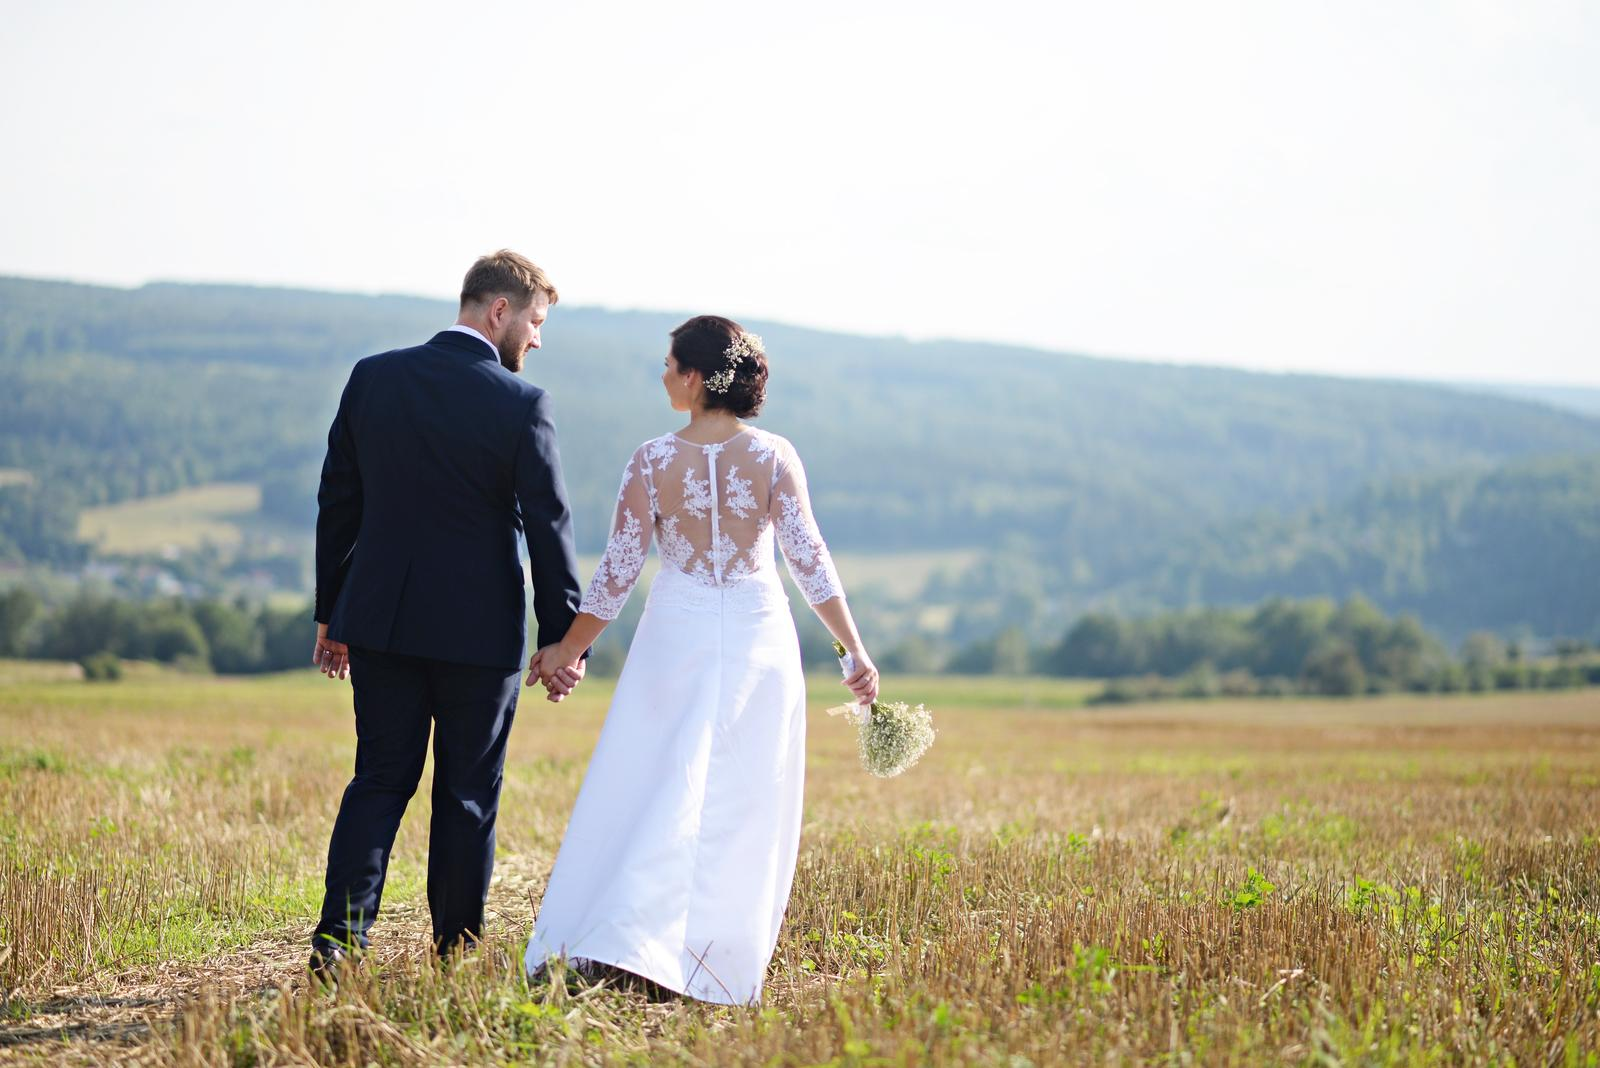 Svatební šaty - bílé s krajkou, vel. 38 - Obrázek č. 2